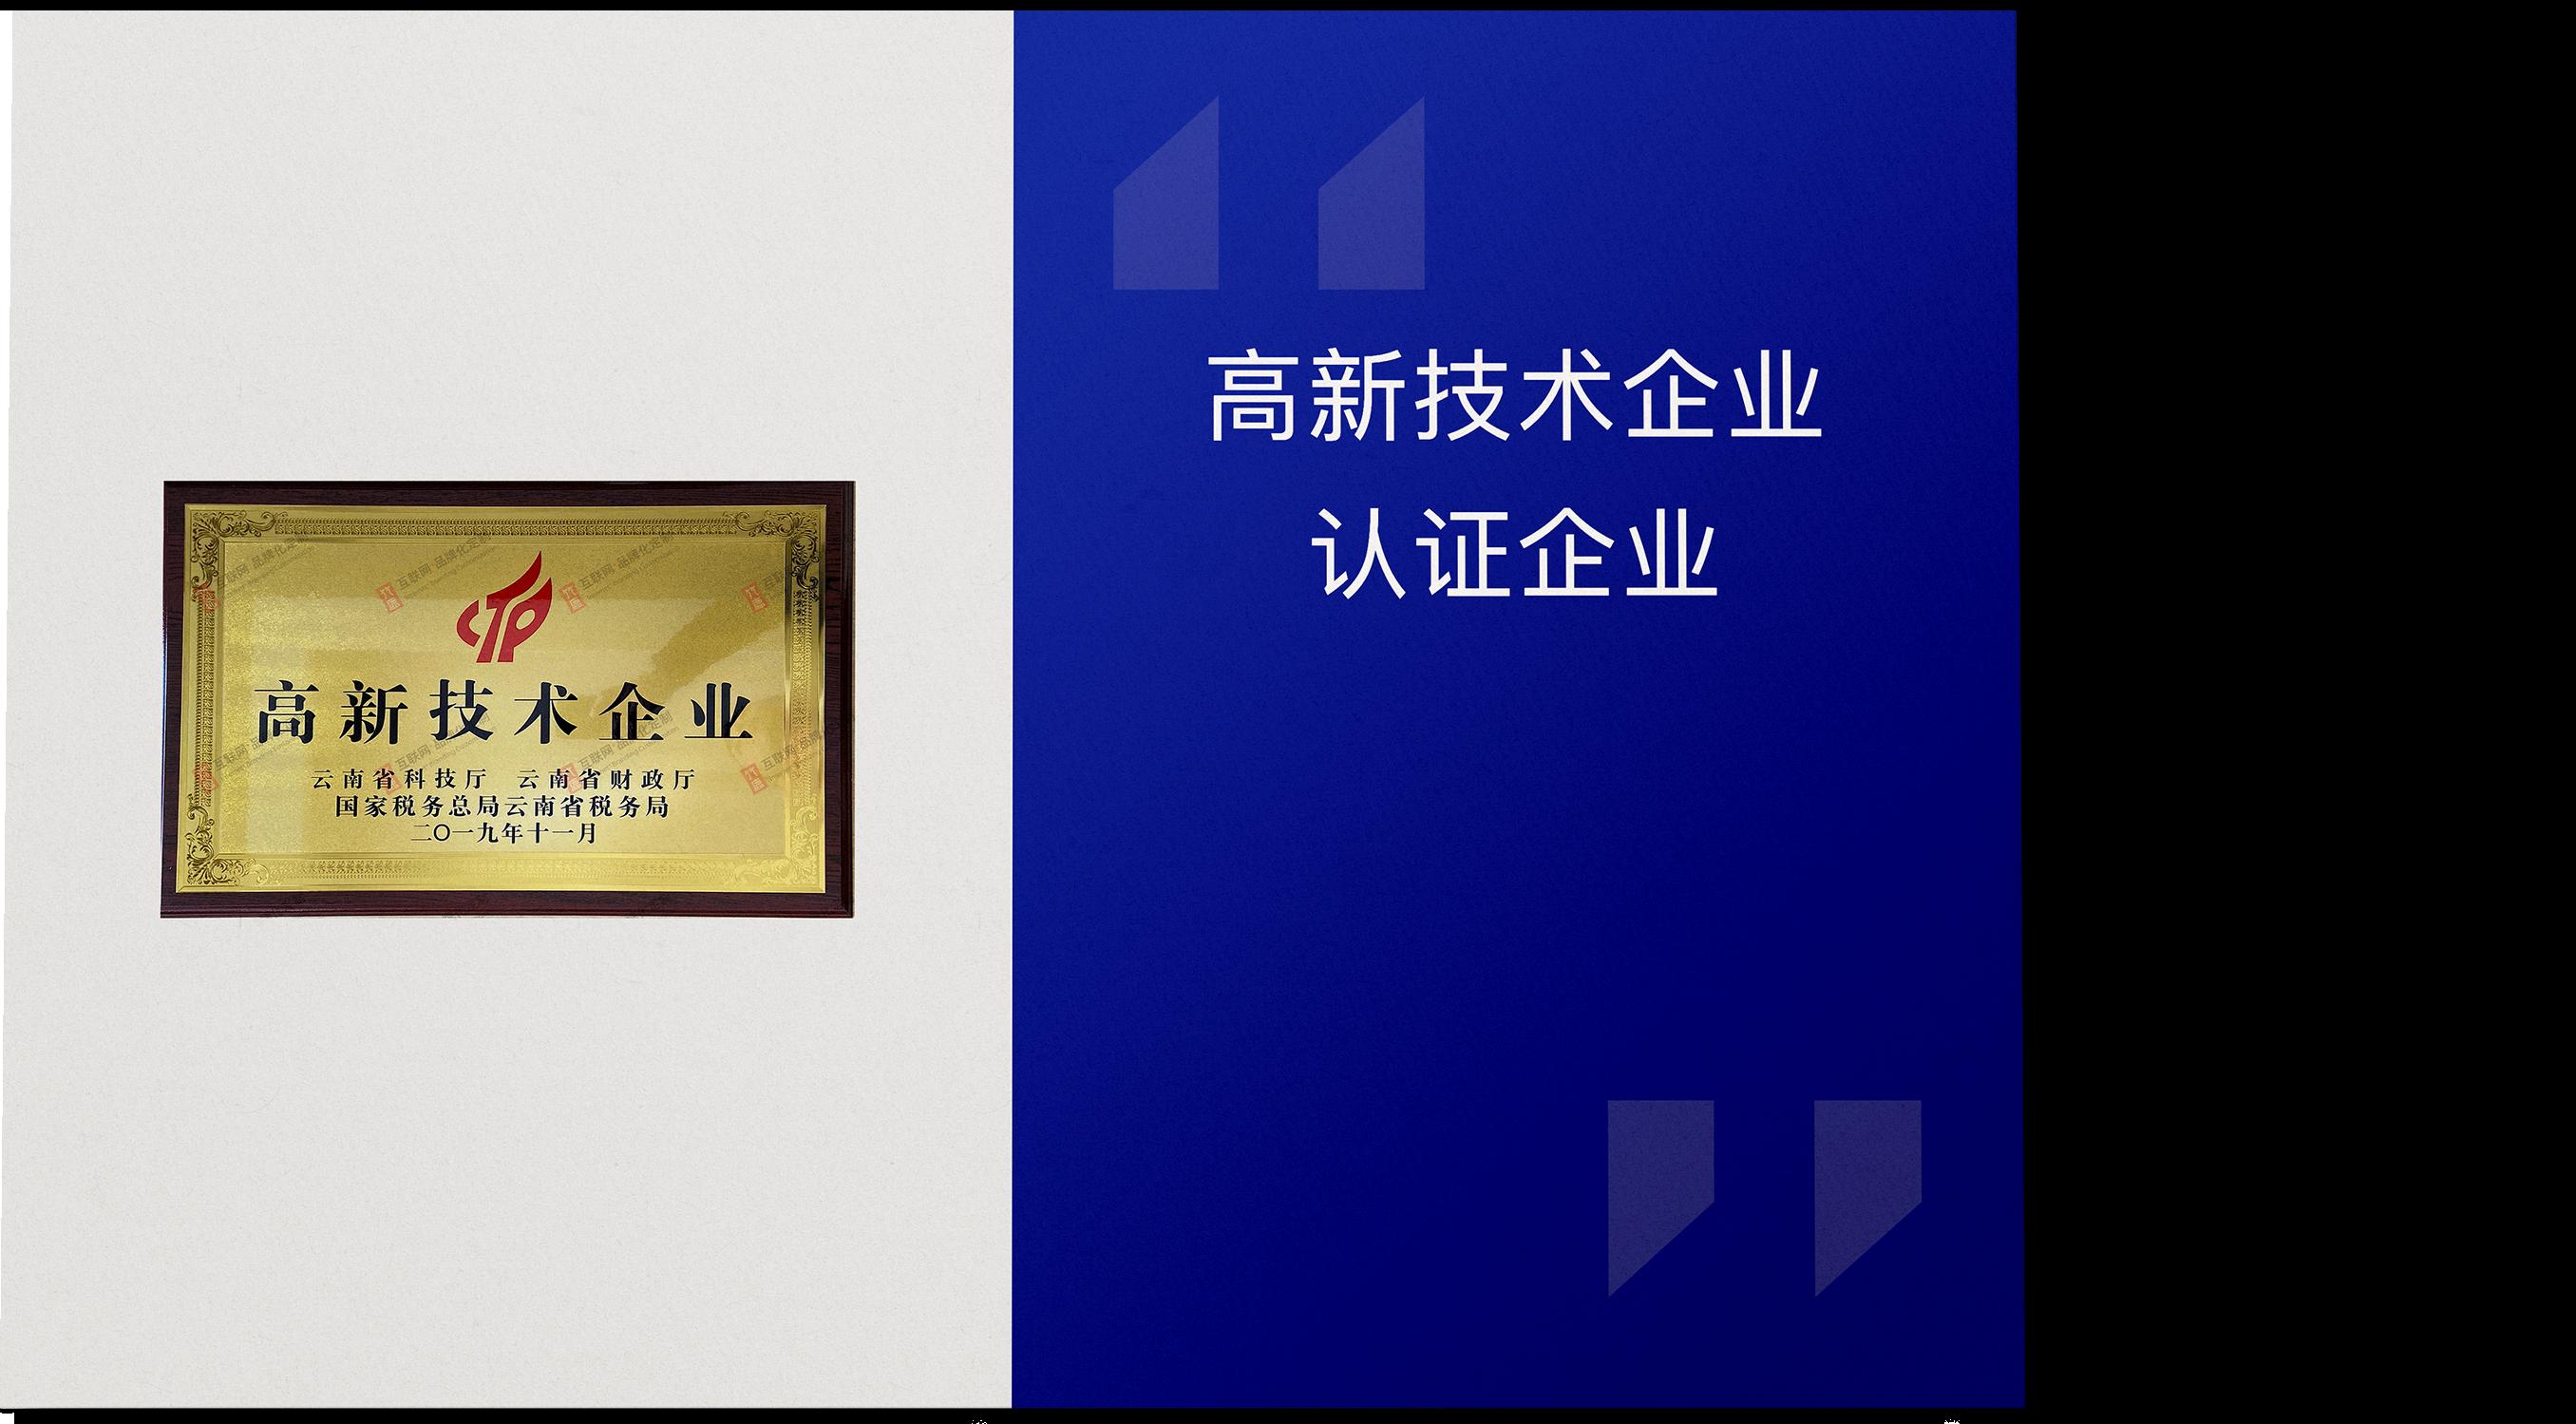 高新技术企业认证企业